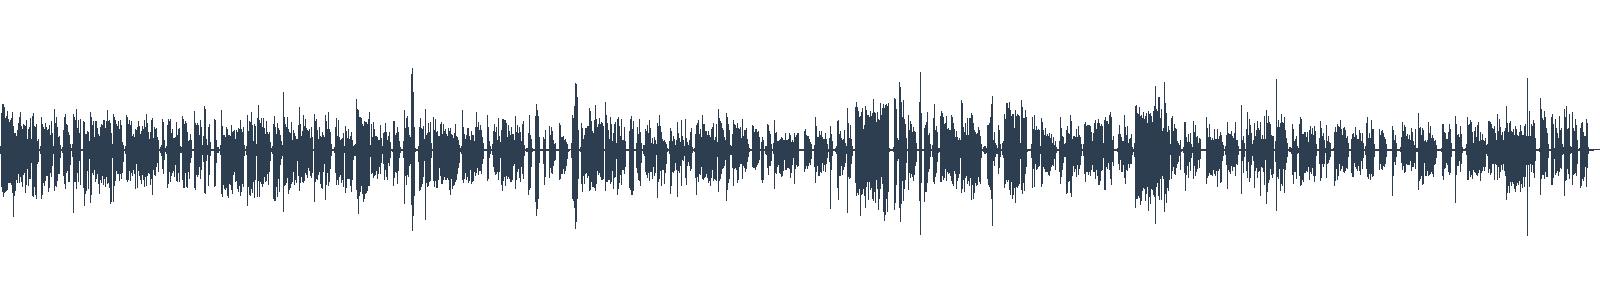 Farba mágie (Úžasná Plochozem 1, Vetroplaš 1) waveform